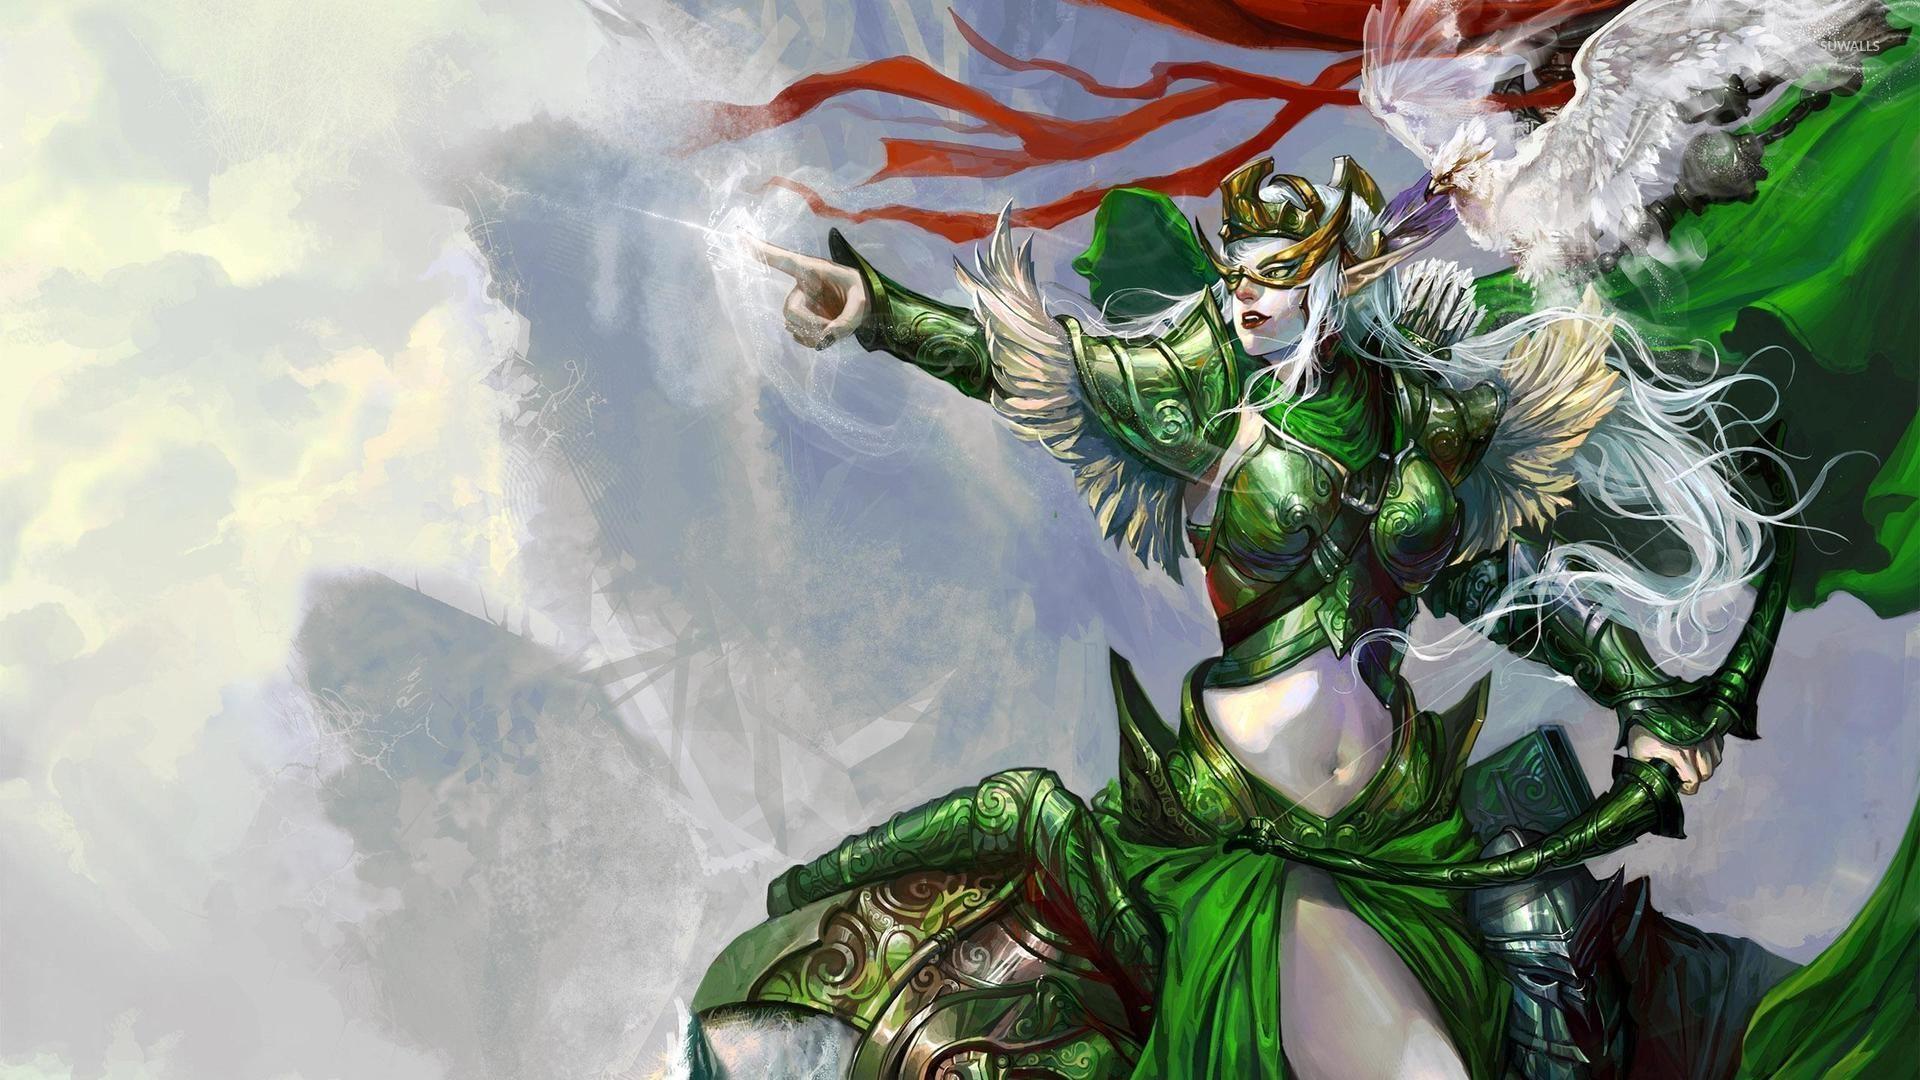 warrior elf desktop wallpapers - photo #3